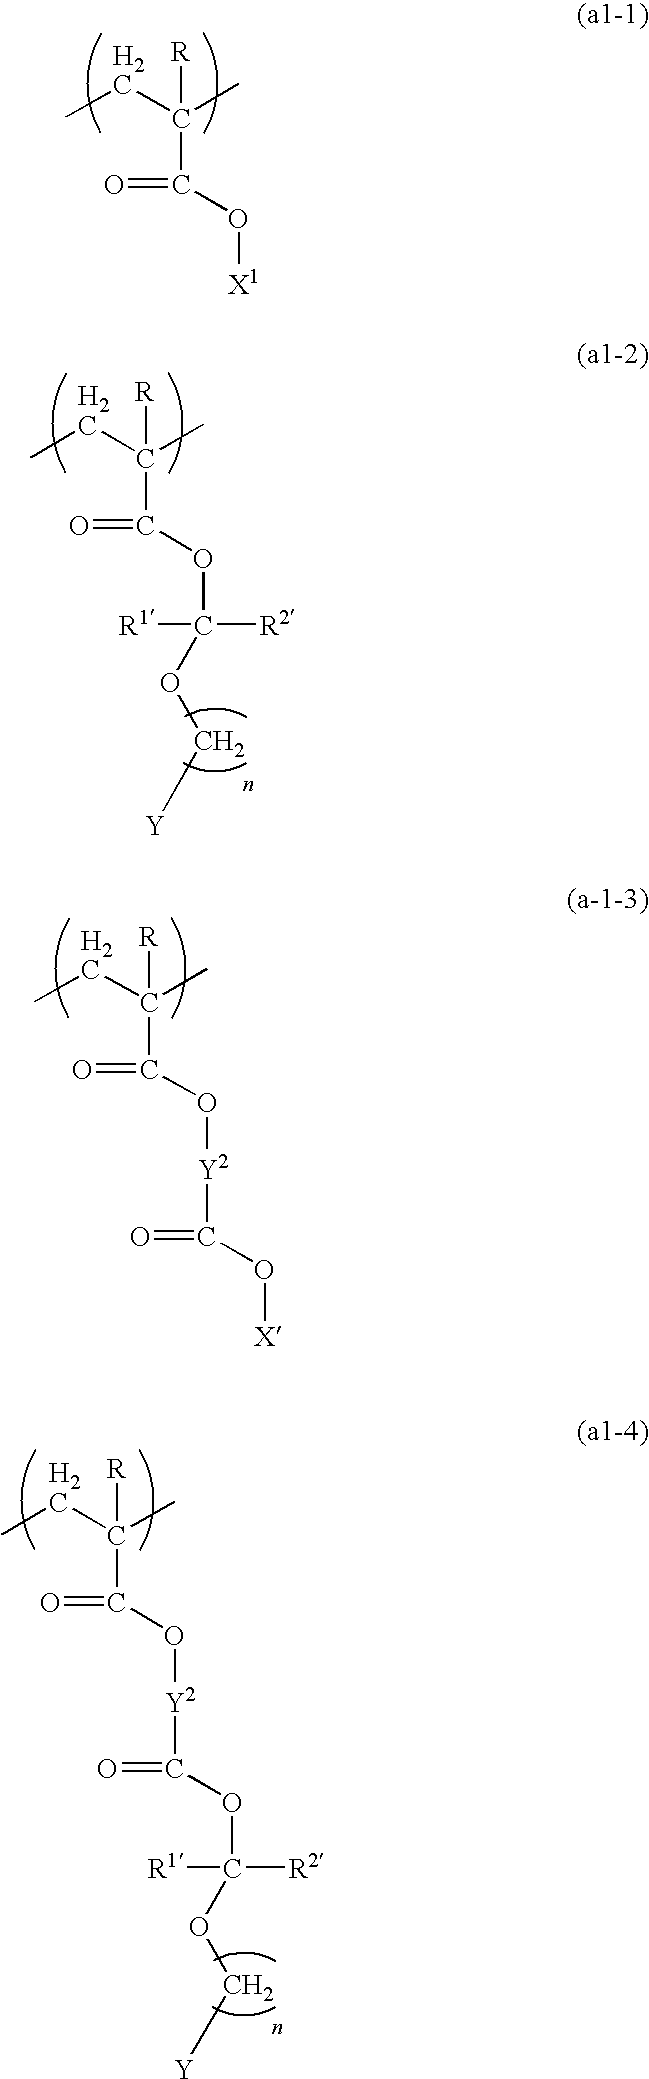 Figure US20100136480A1-20100603-C00020